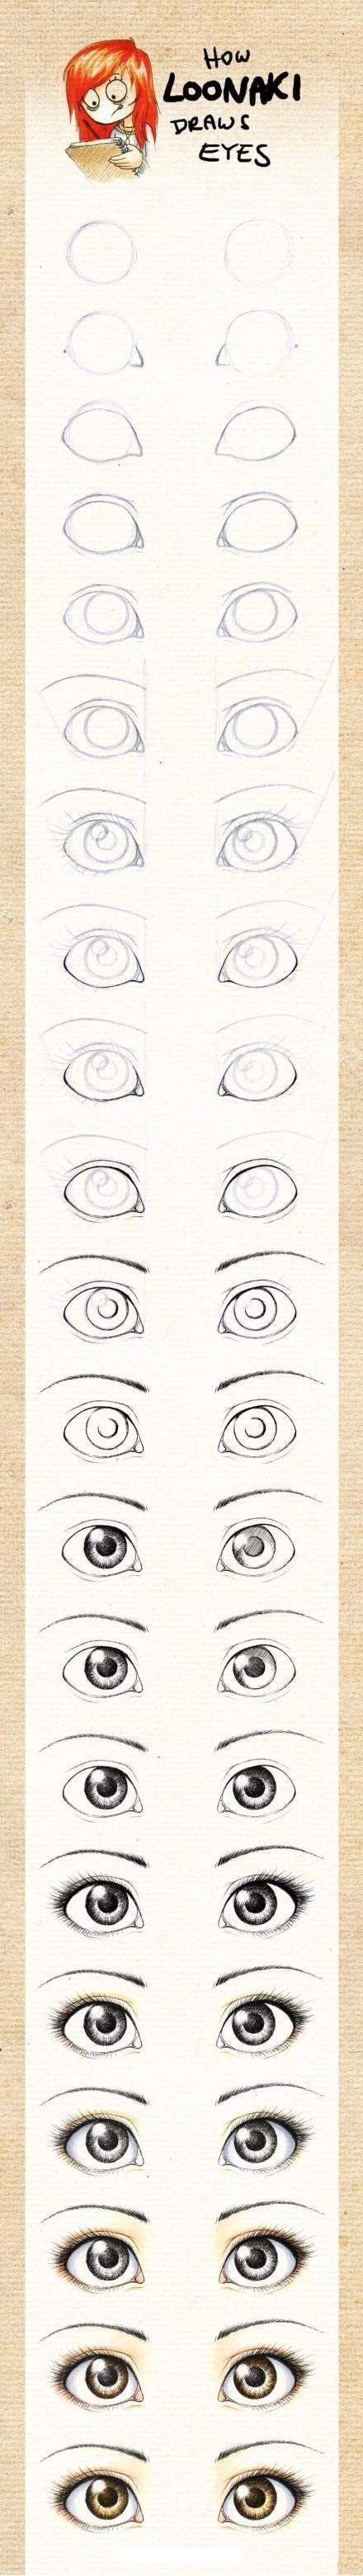 Como hacer ojos.